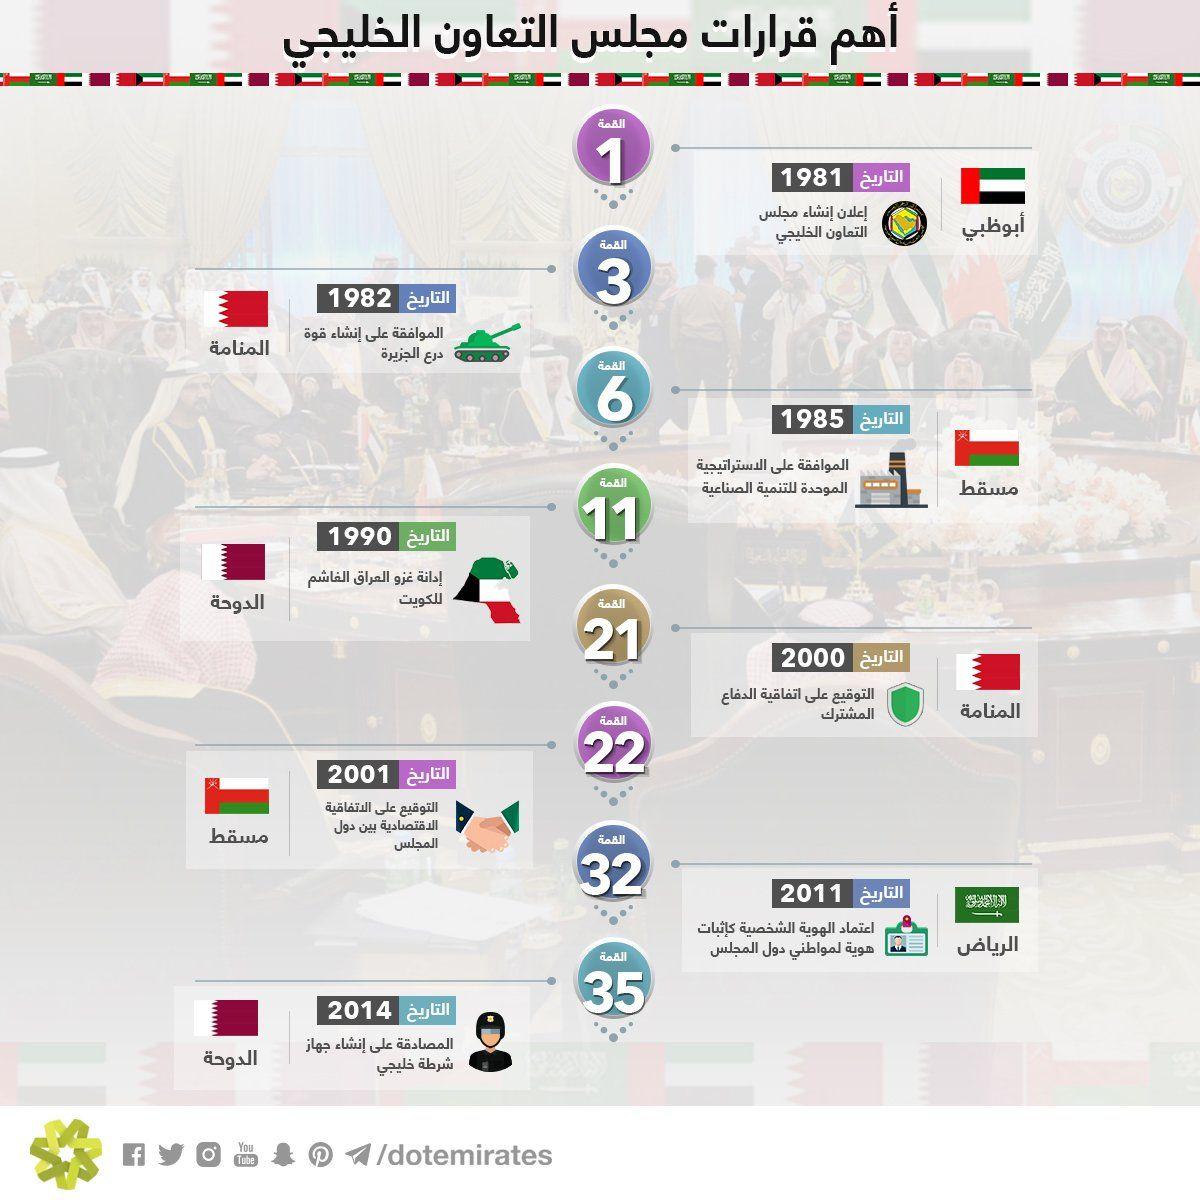 انفوجرافيك أبرز القرارات في تاريخ مجلس دول التعاون الخليجي Dots Map Infographic